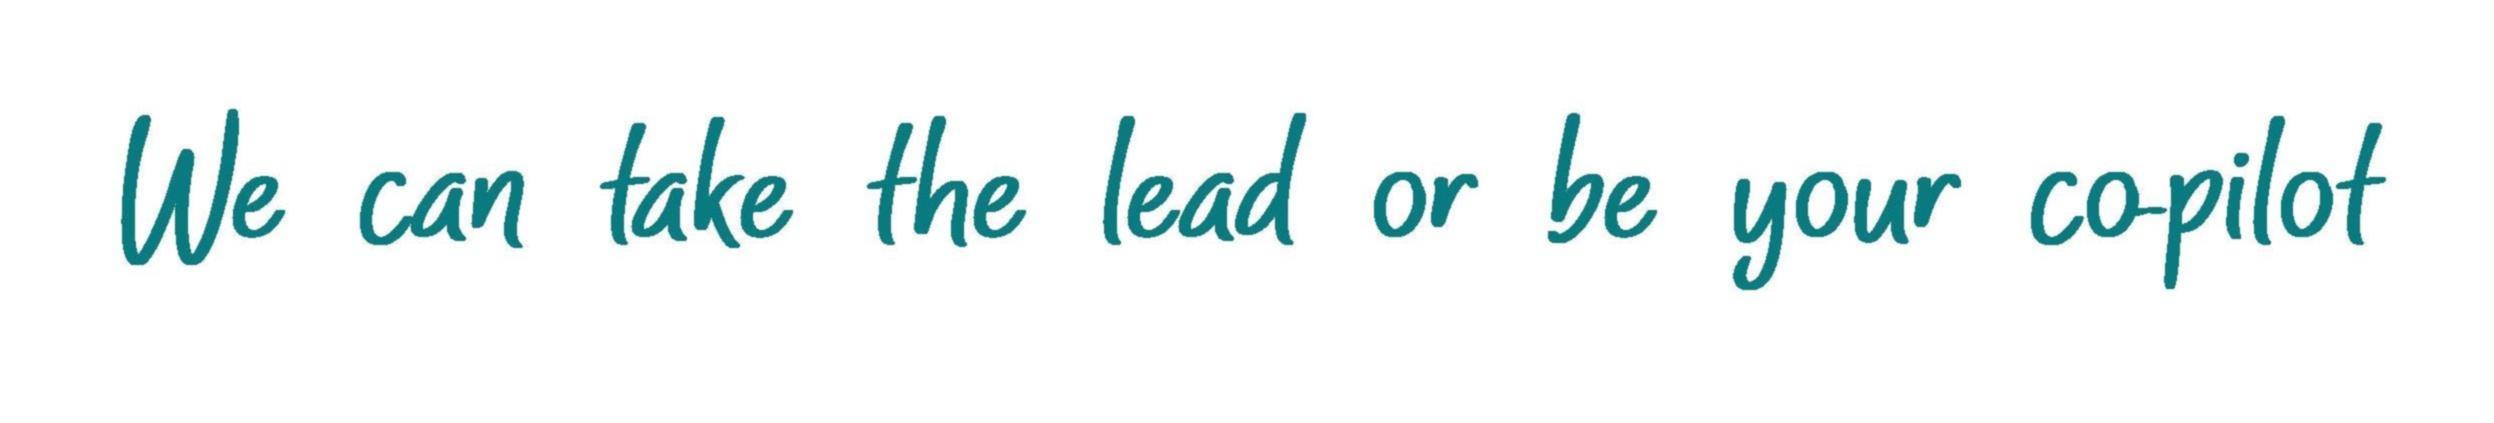 Lead or Co pilot.jpg